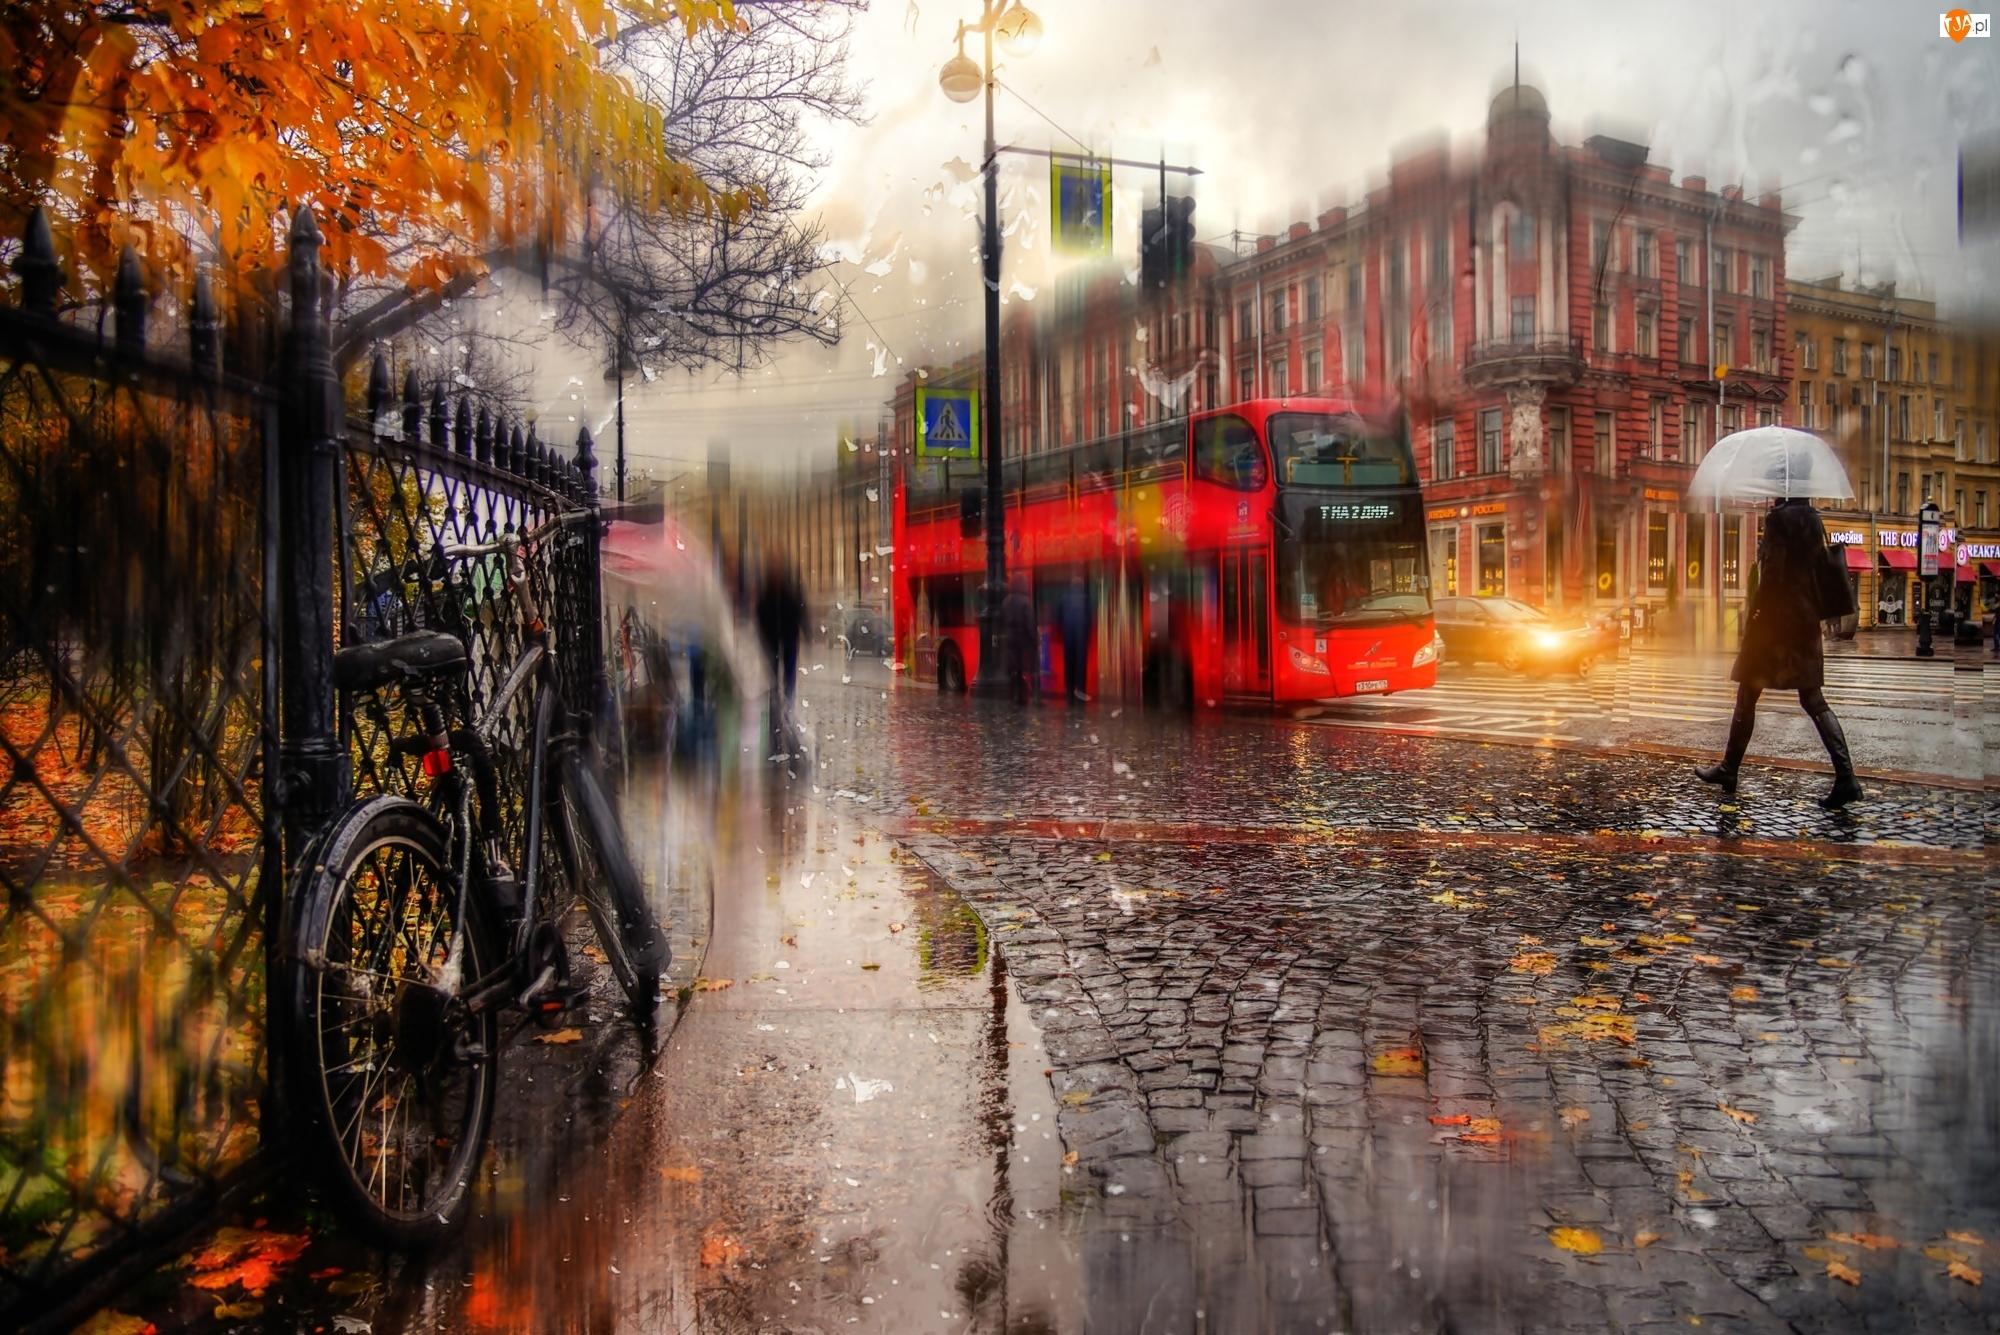 Parasol, Ulica, Petersburg, Domy, Rosja, Deszcz Autobus, Kobieta, Rower